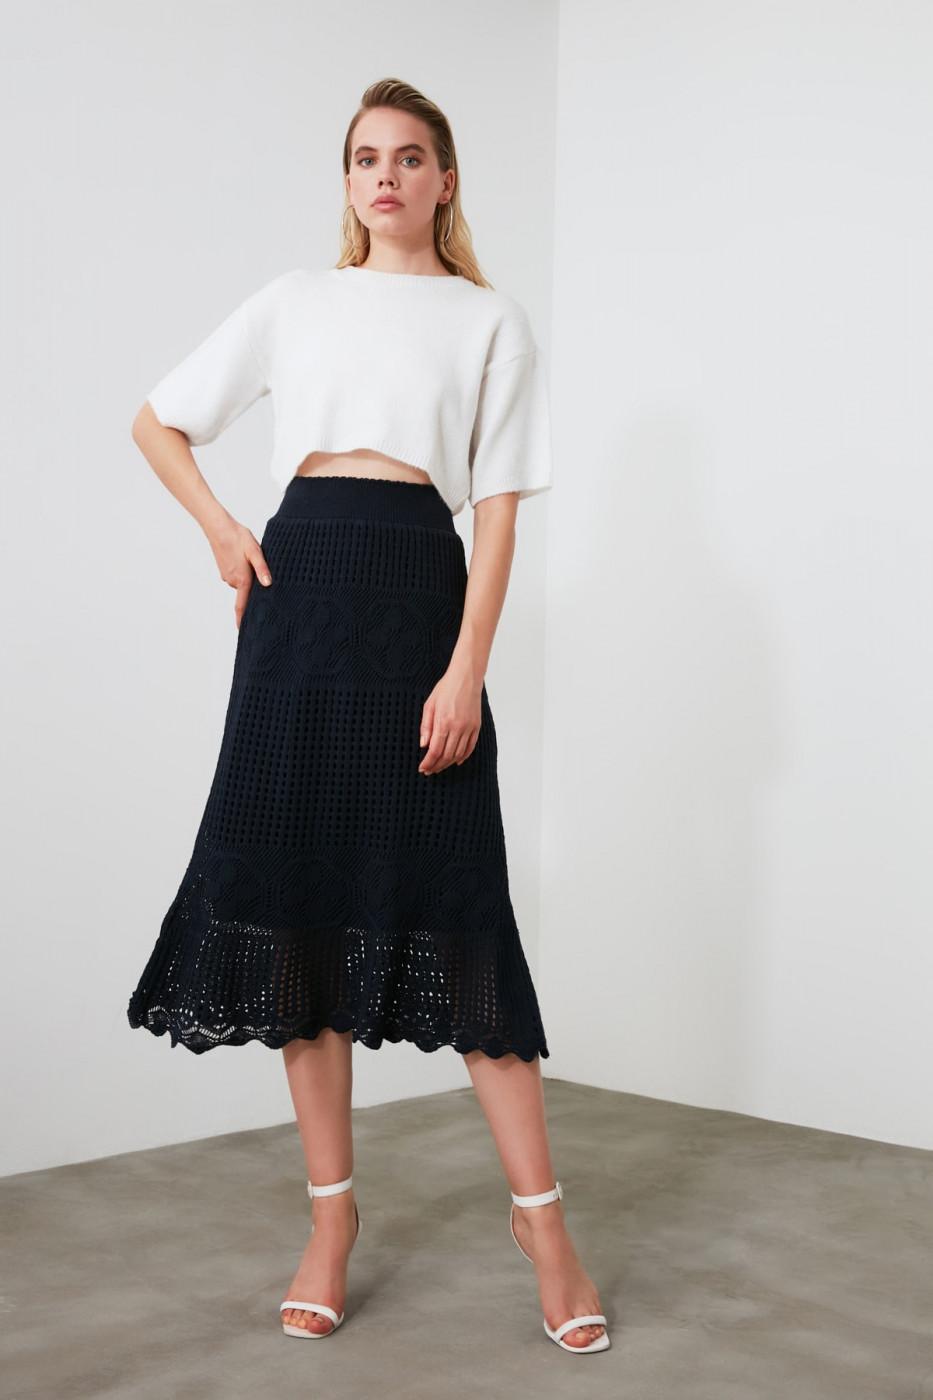 Trendyol Navy Knitting Detailed Knitwear Skirt